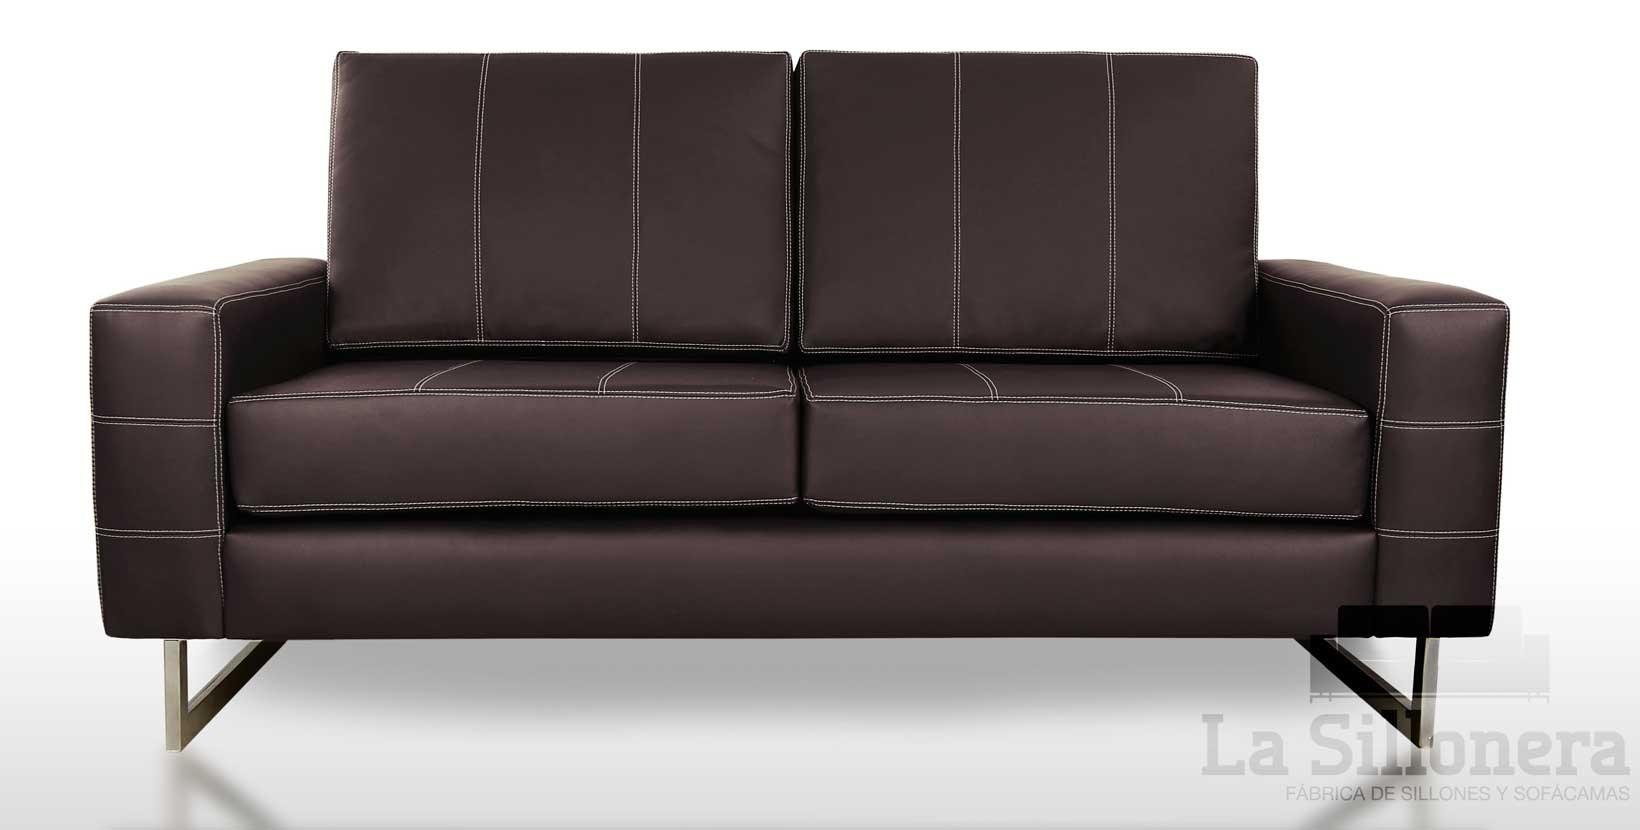 Sillon modelo jocker 2 y 3 cuerpos for Sofa cama de 2 cuerpos